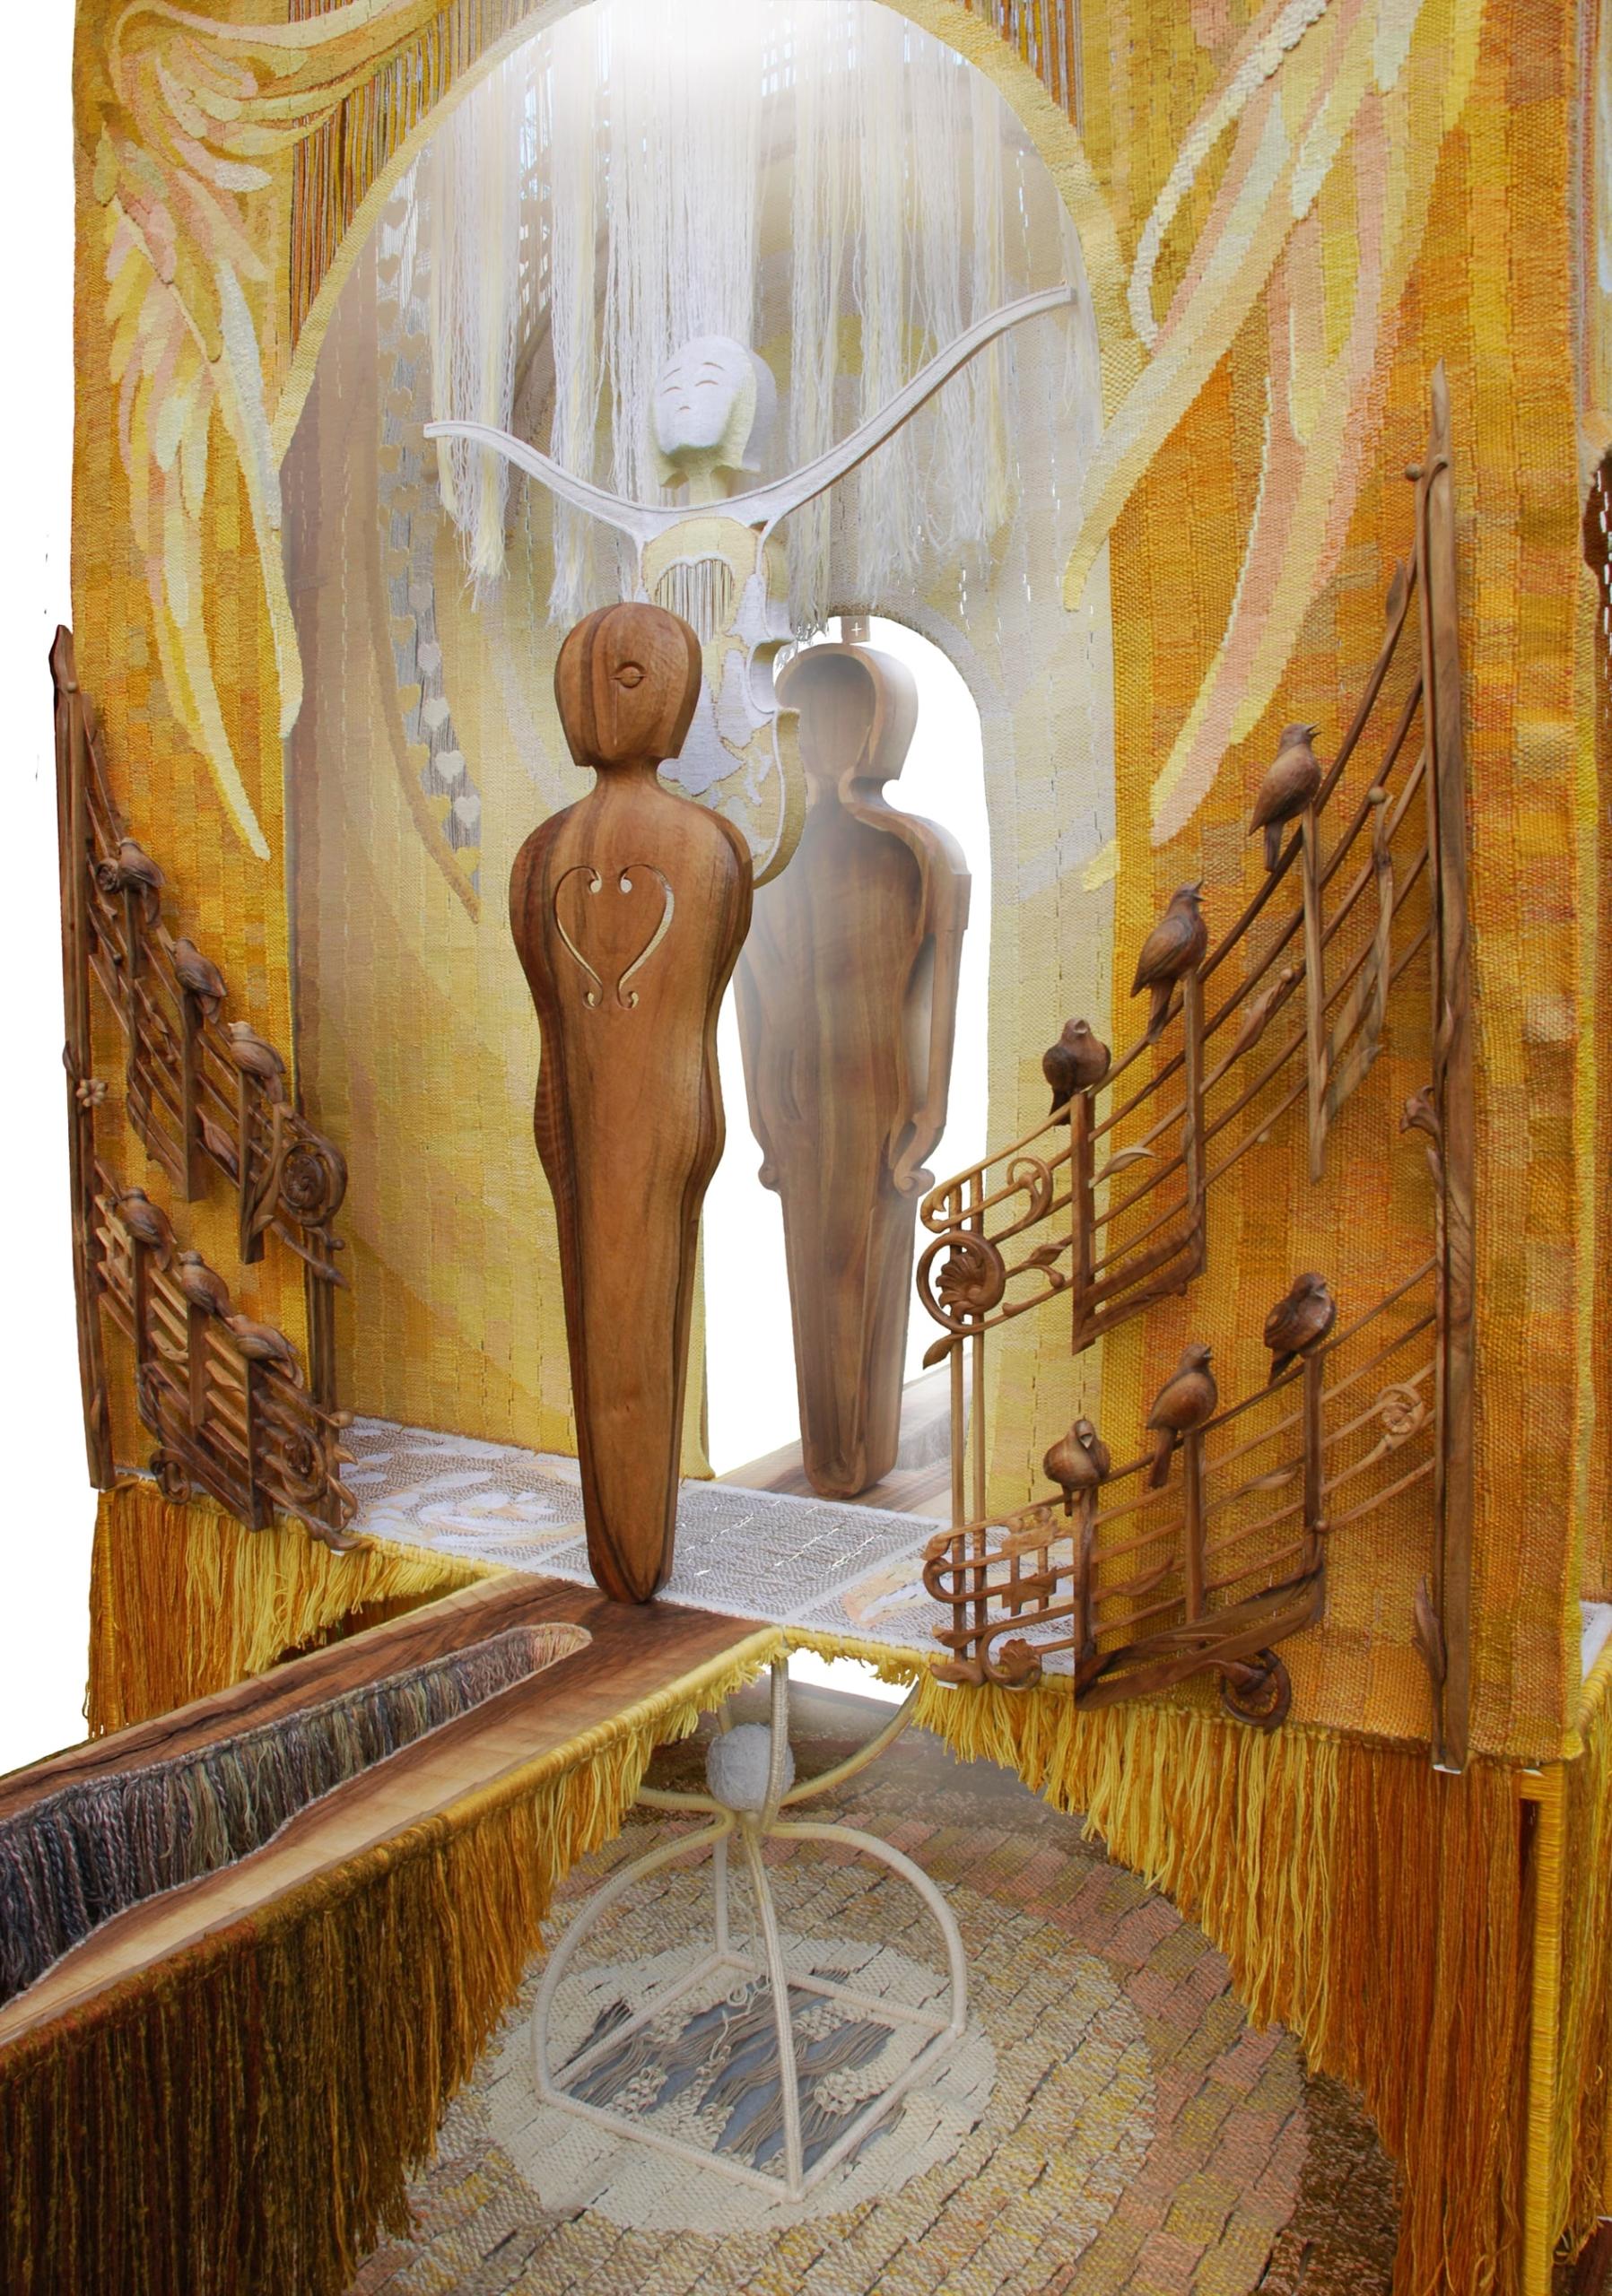 Шлюб дерева і нитки: подружжя із Косова створює філософські гобелени 8